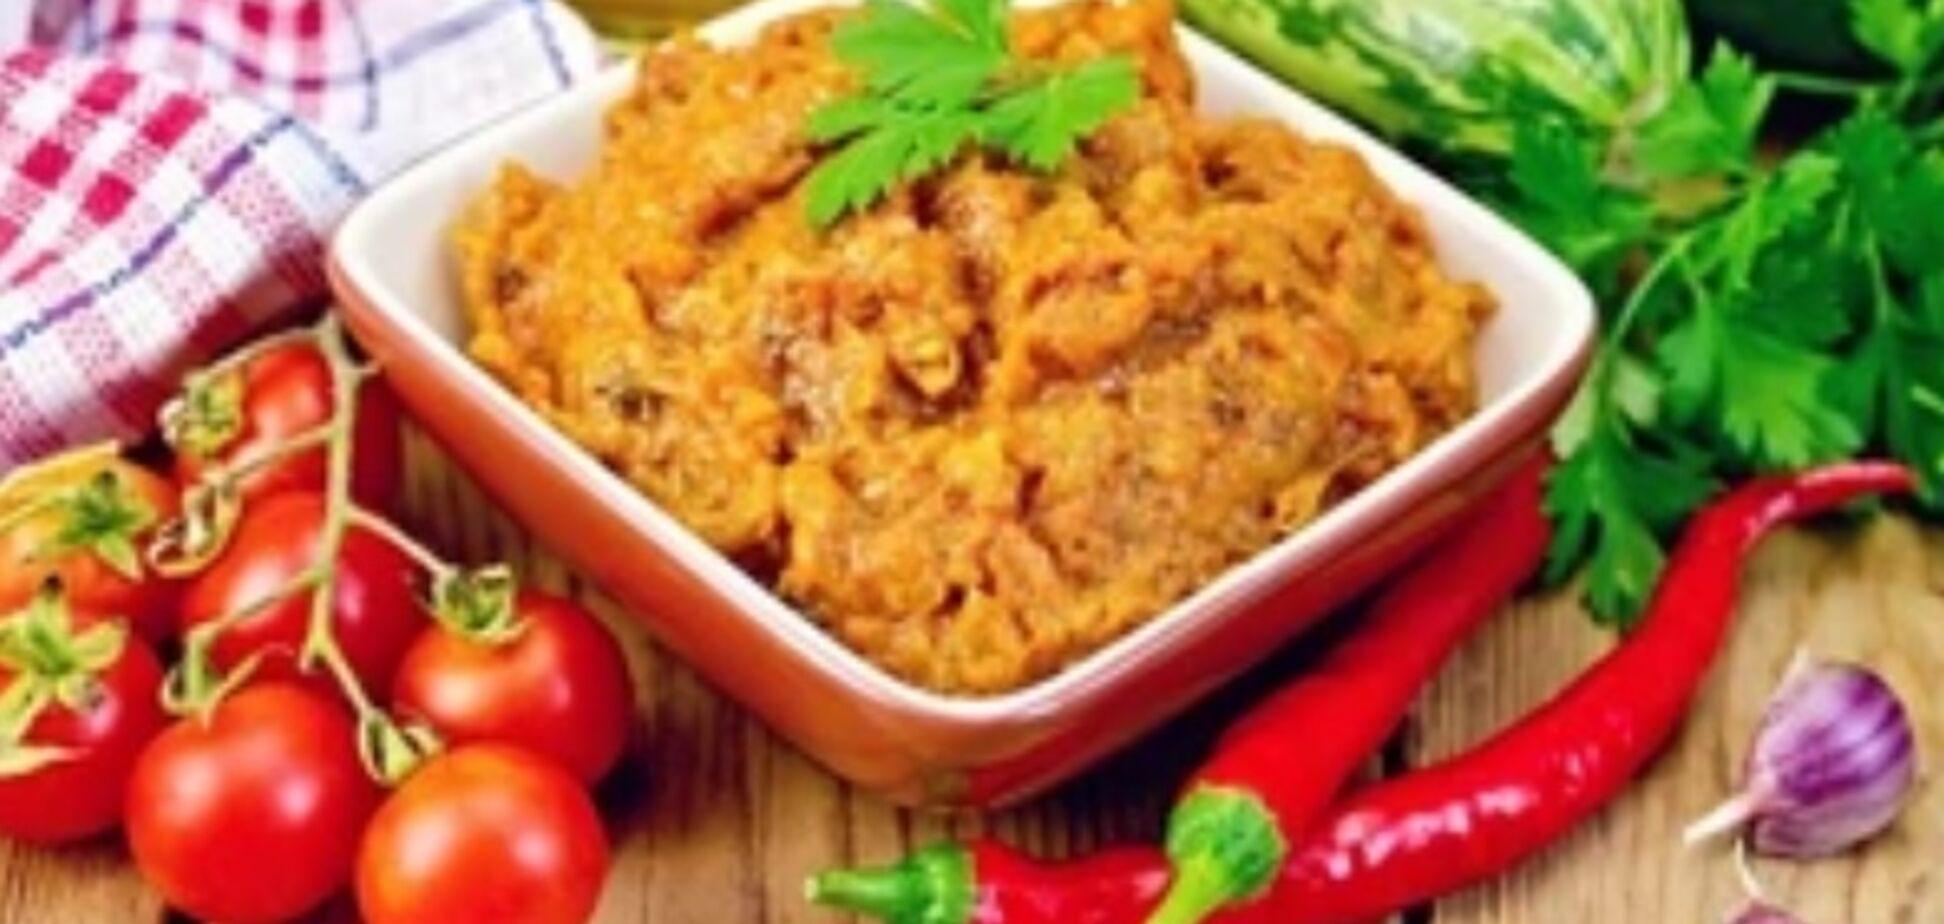 Рецепт очень вкусной закуски из баклажанов и кабачков